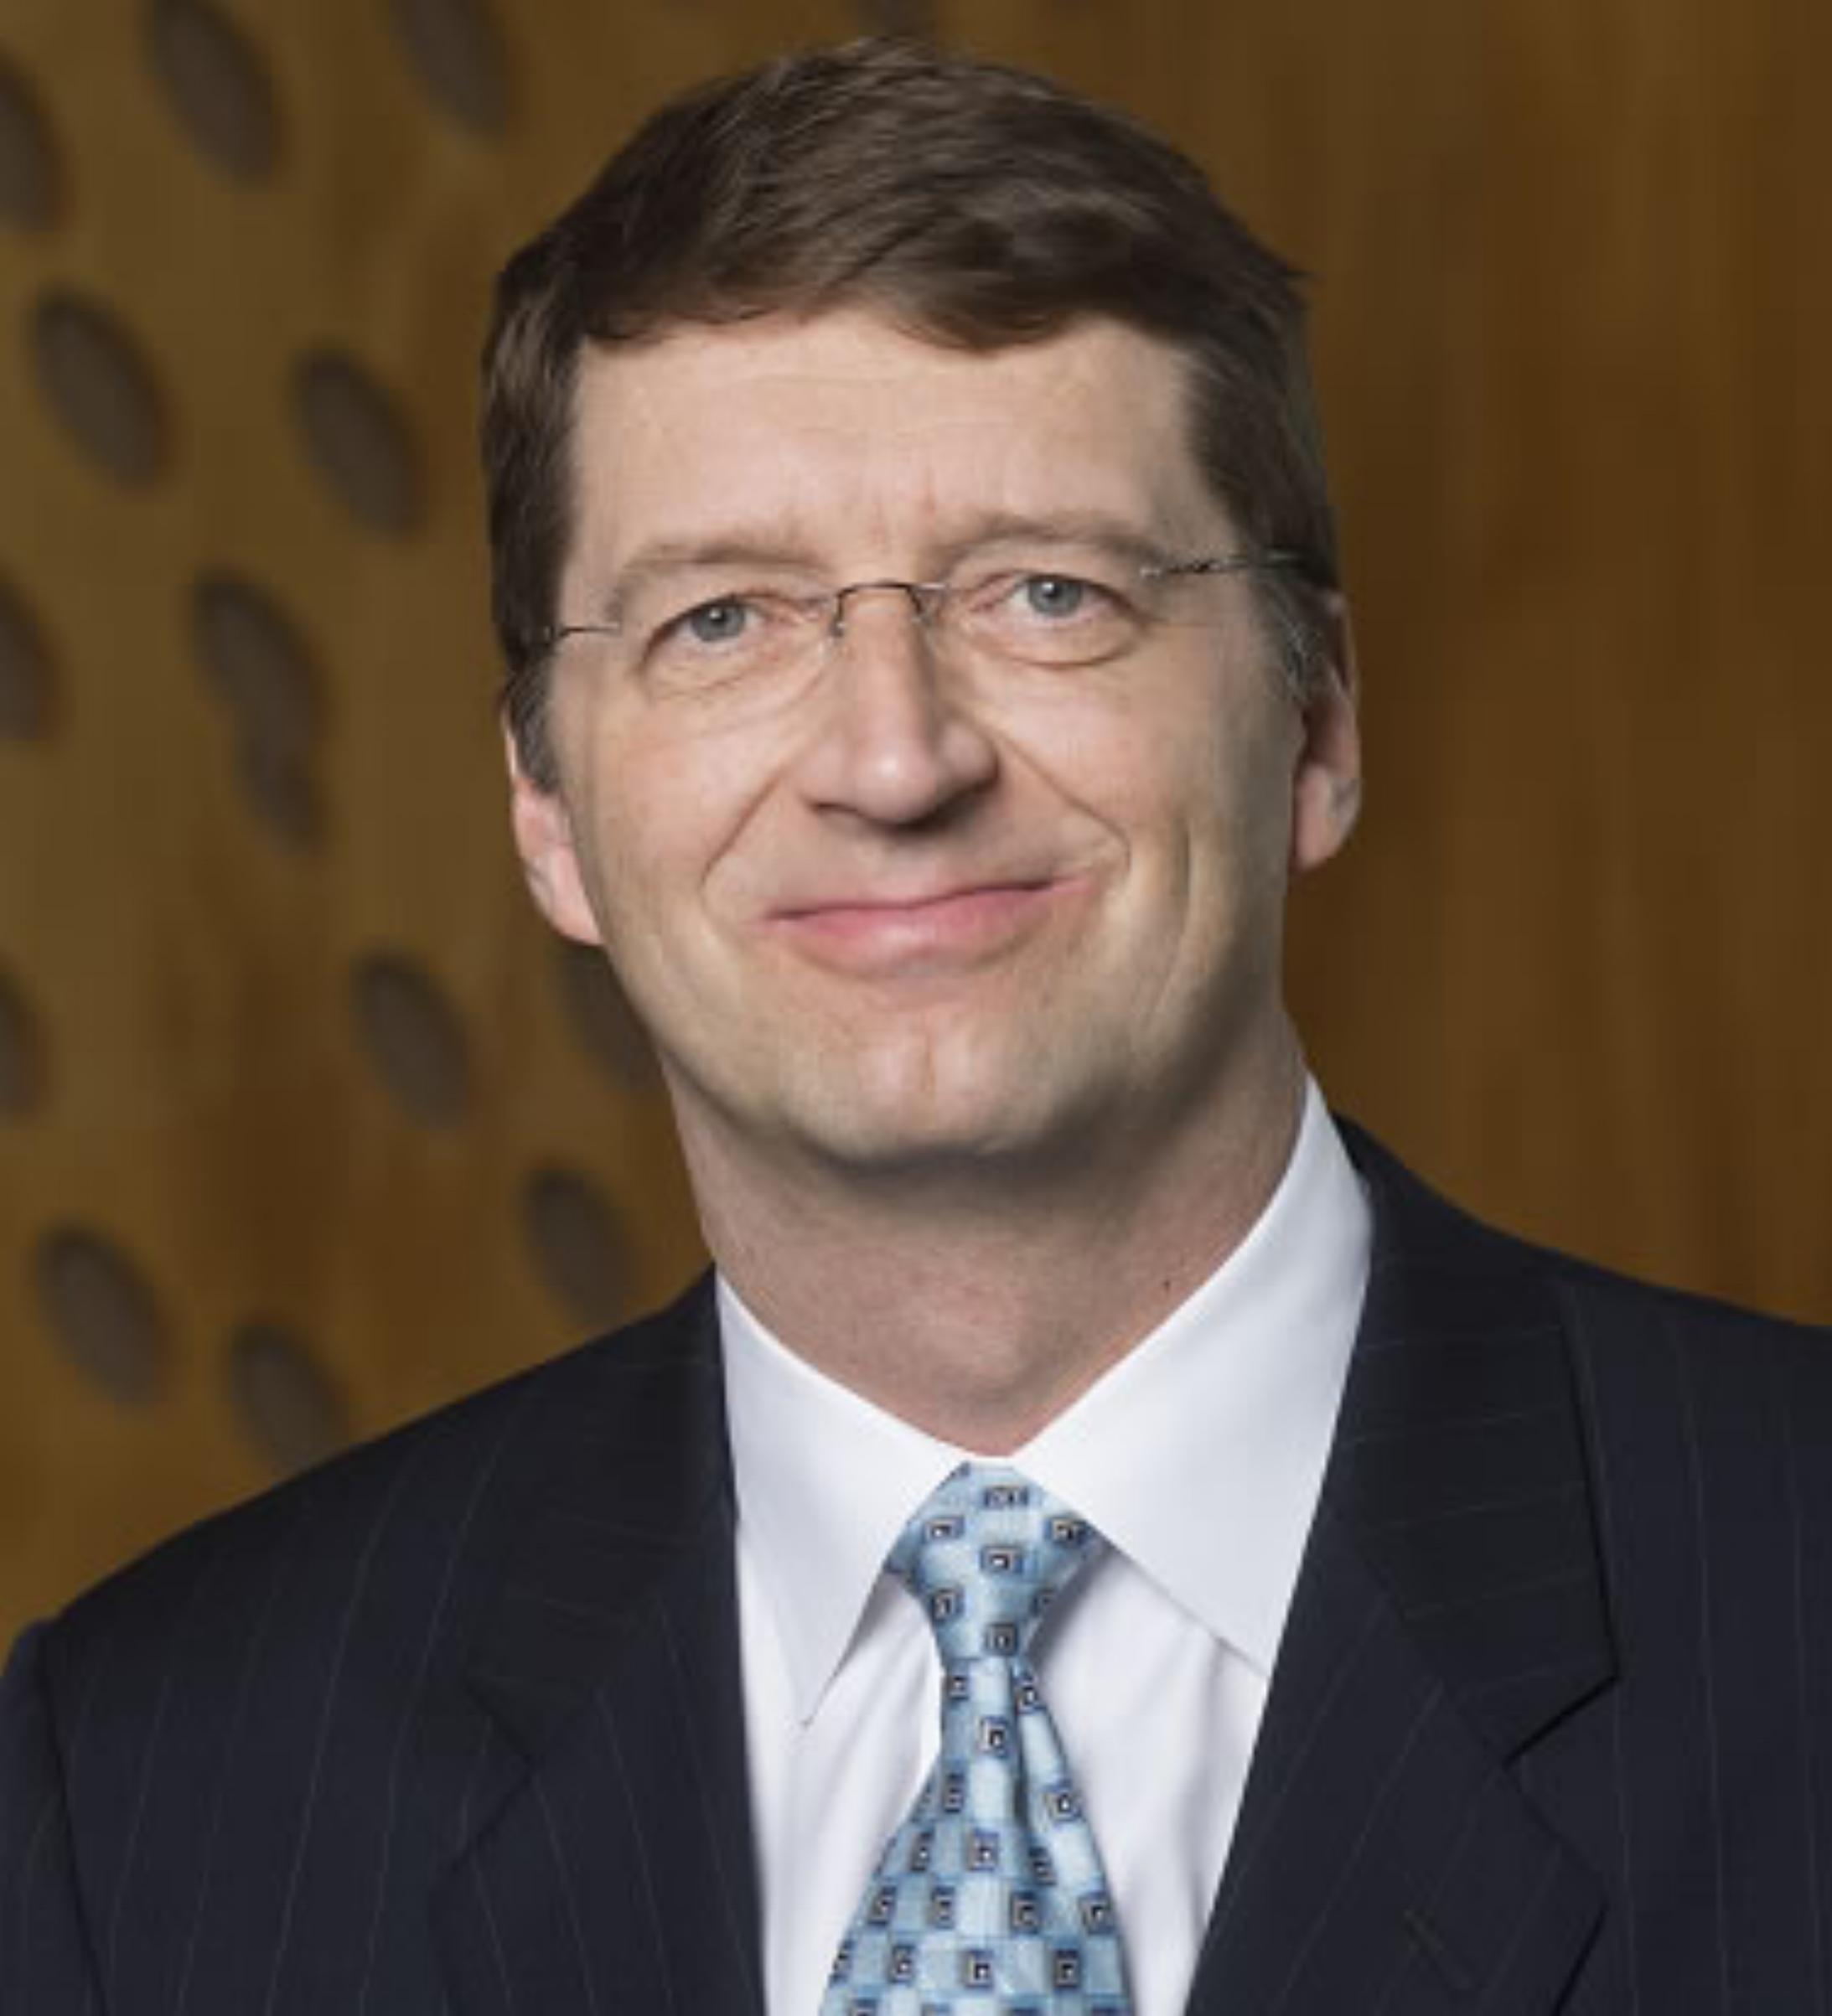 Tuomas Sandholm